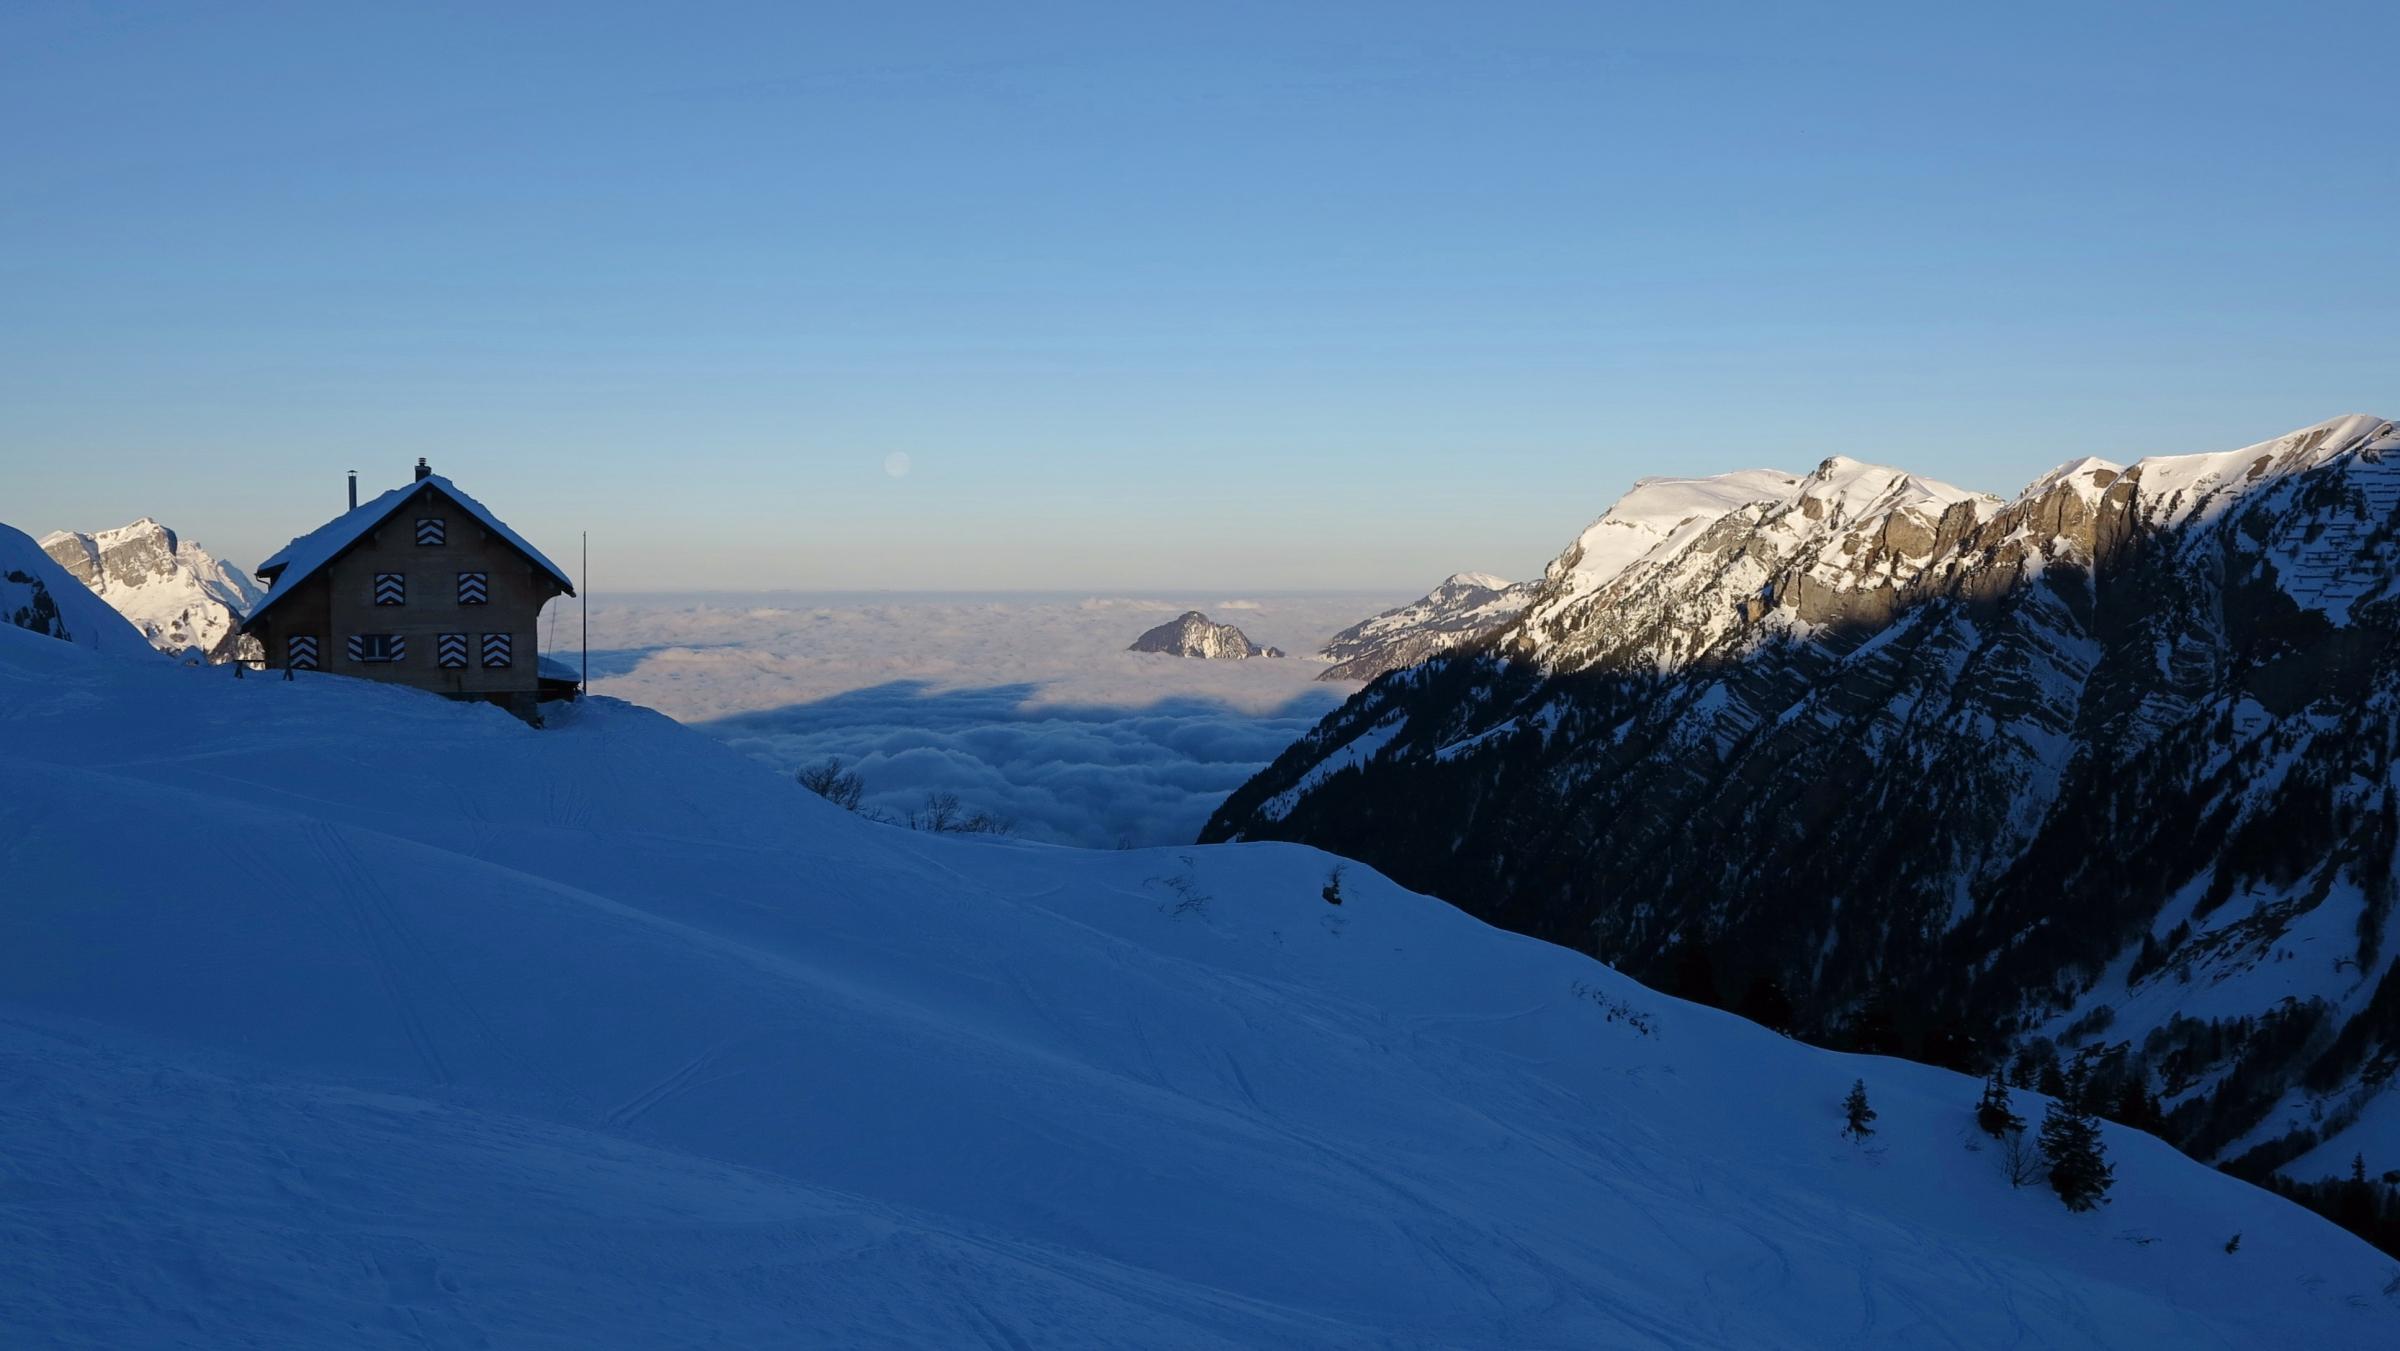 Zwar über dem Nebelmeer, doch in der Eiseskälte. Wen nach einer Viertelstunde bereits die warme Stube lockt, der wird in der Lidernenhütte fündig.